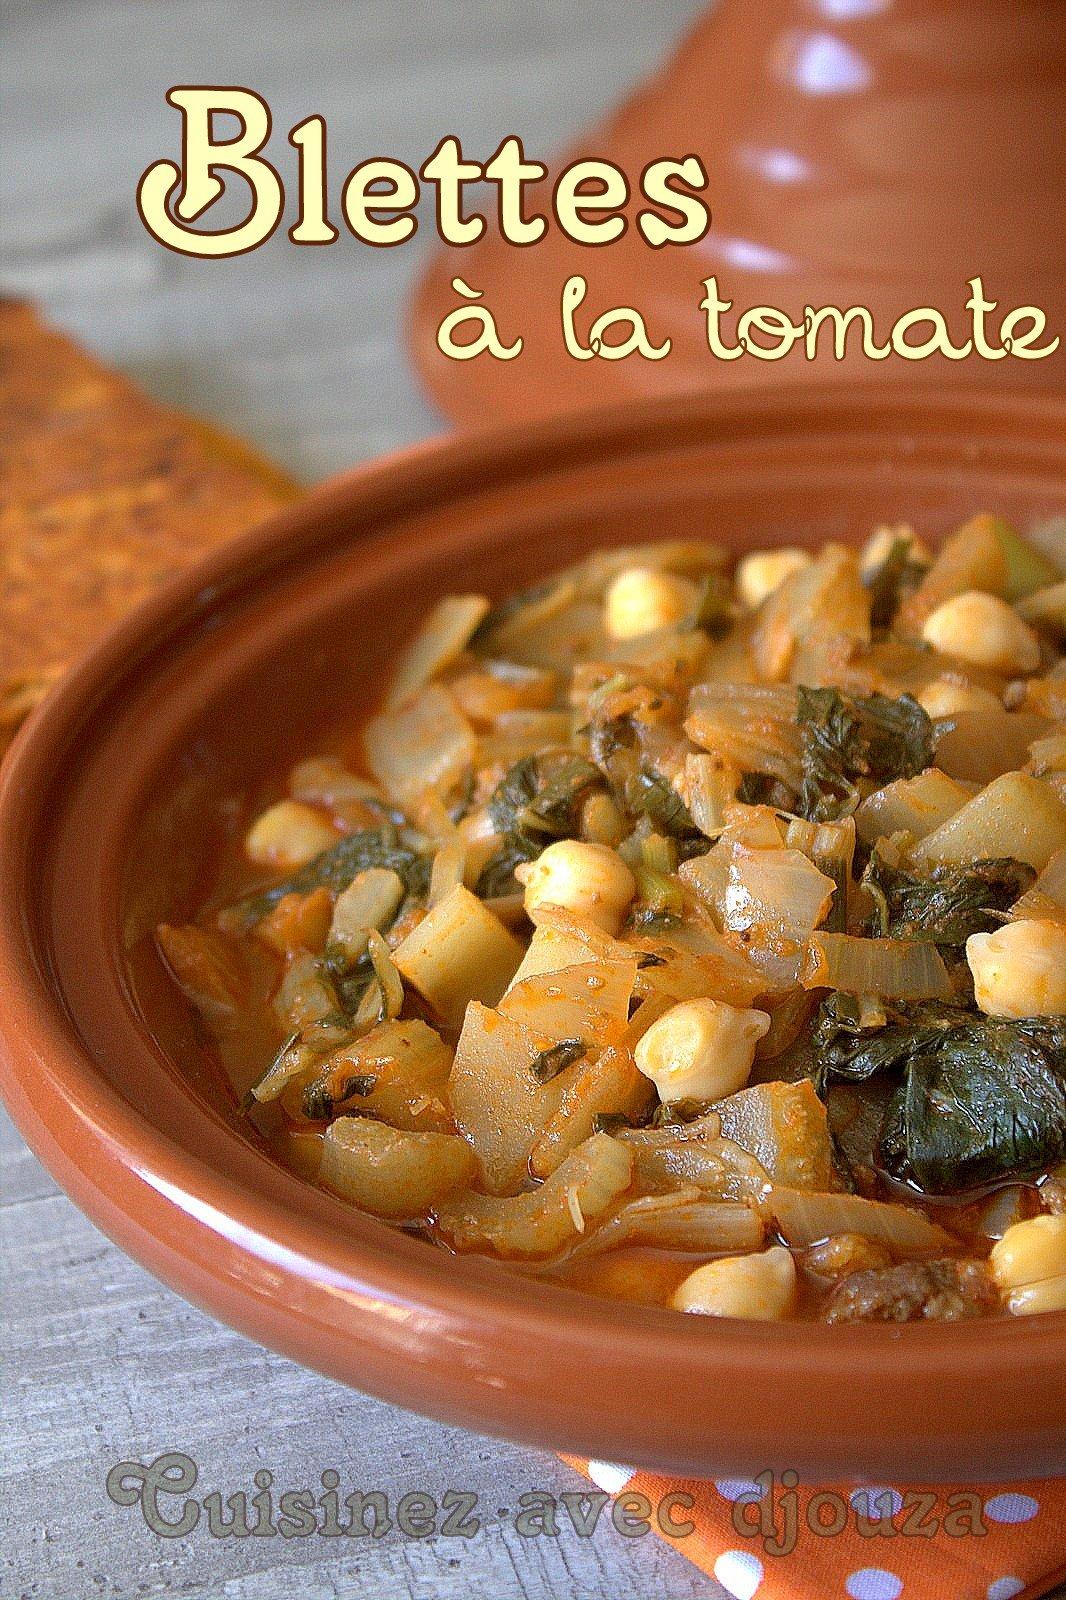 Blettes en sauce algérienne